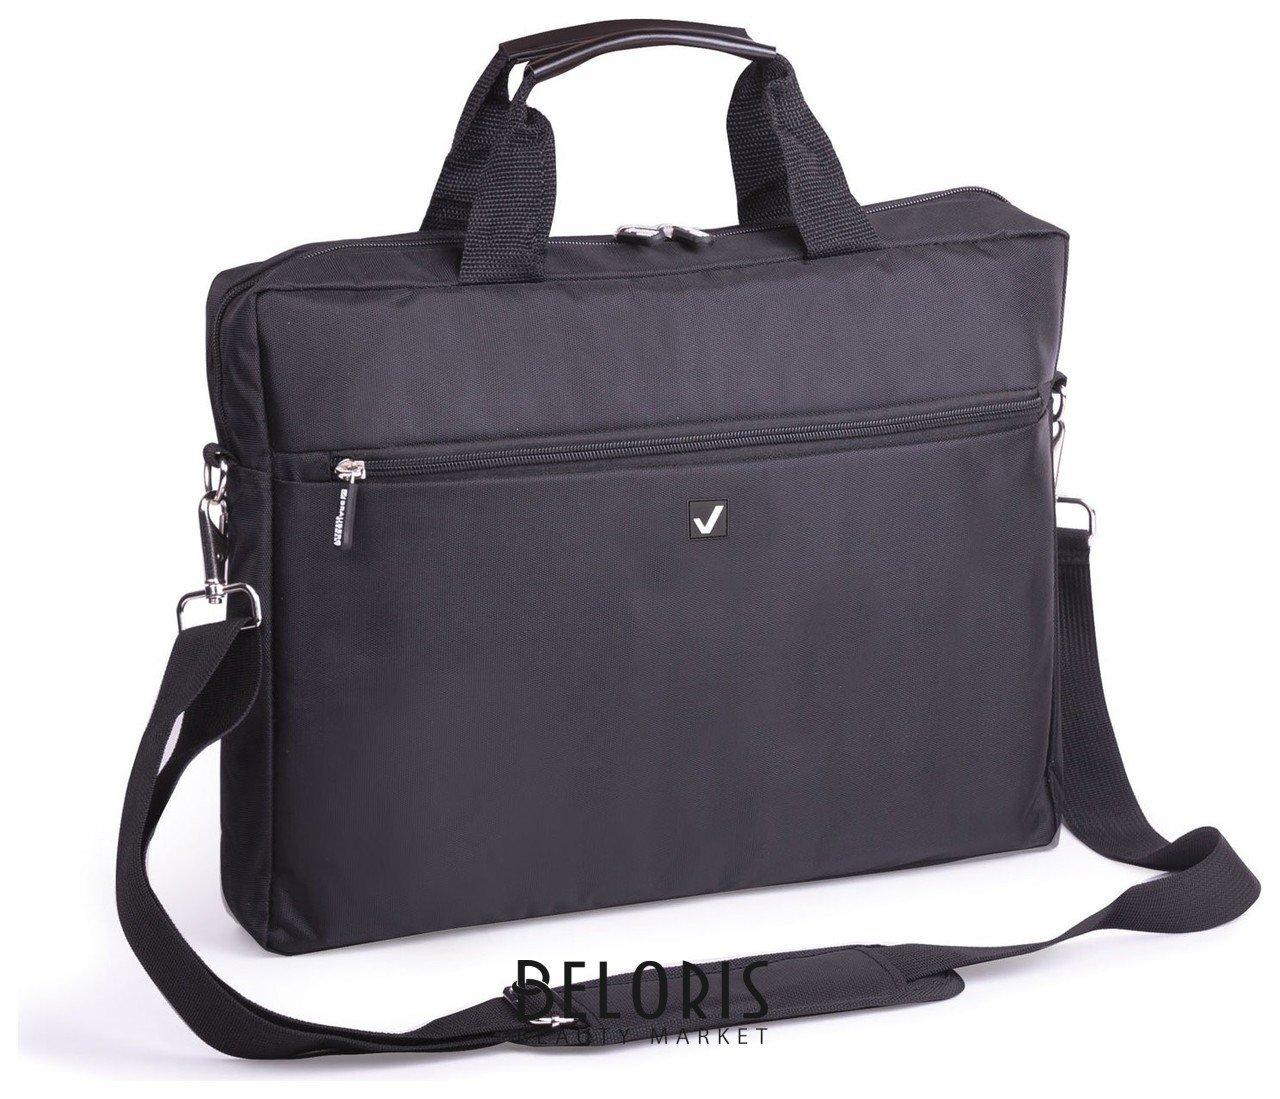 Сумка деловая Brauberg Tempo, 30х40х4 см, отделение для планшета и ноутбука 15,6, ткань, черная Brauberg